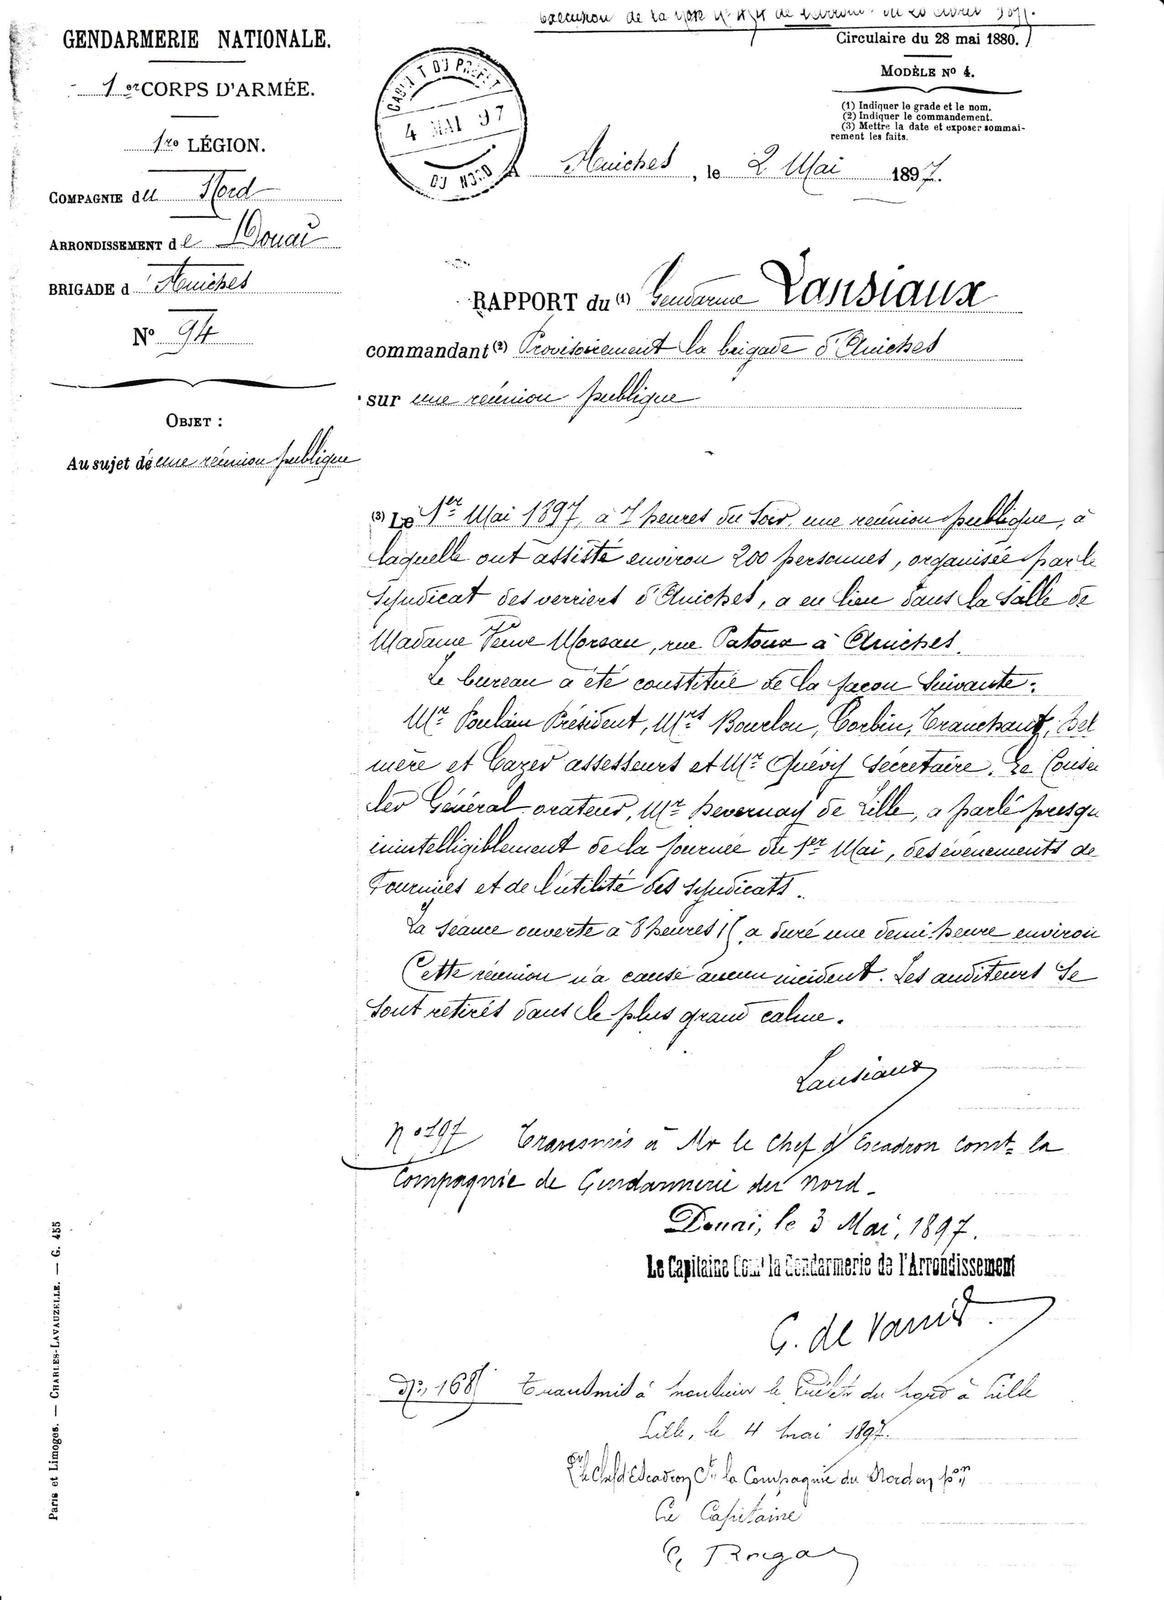 Le 2 mai 1897 - Rapport du gendarme LANSIAUX